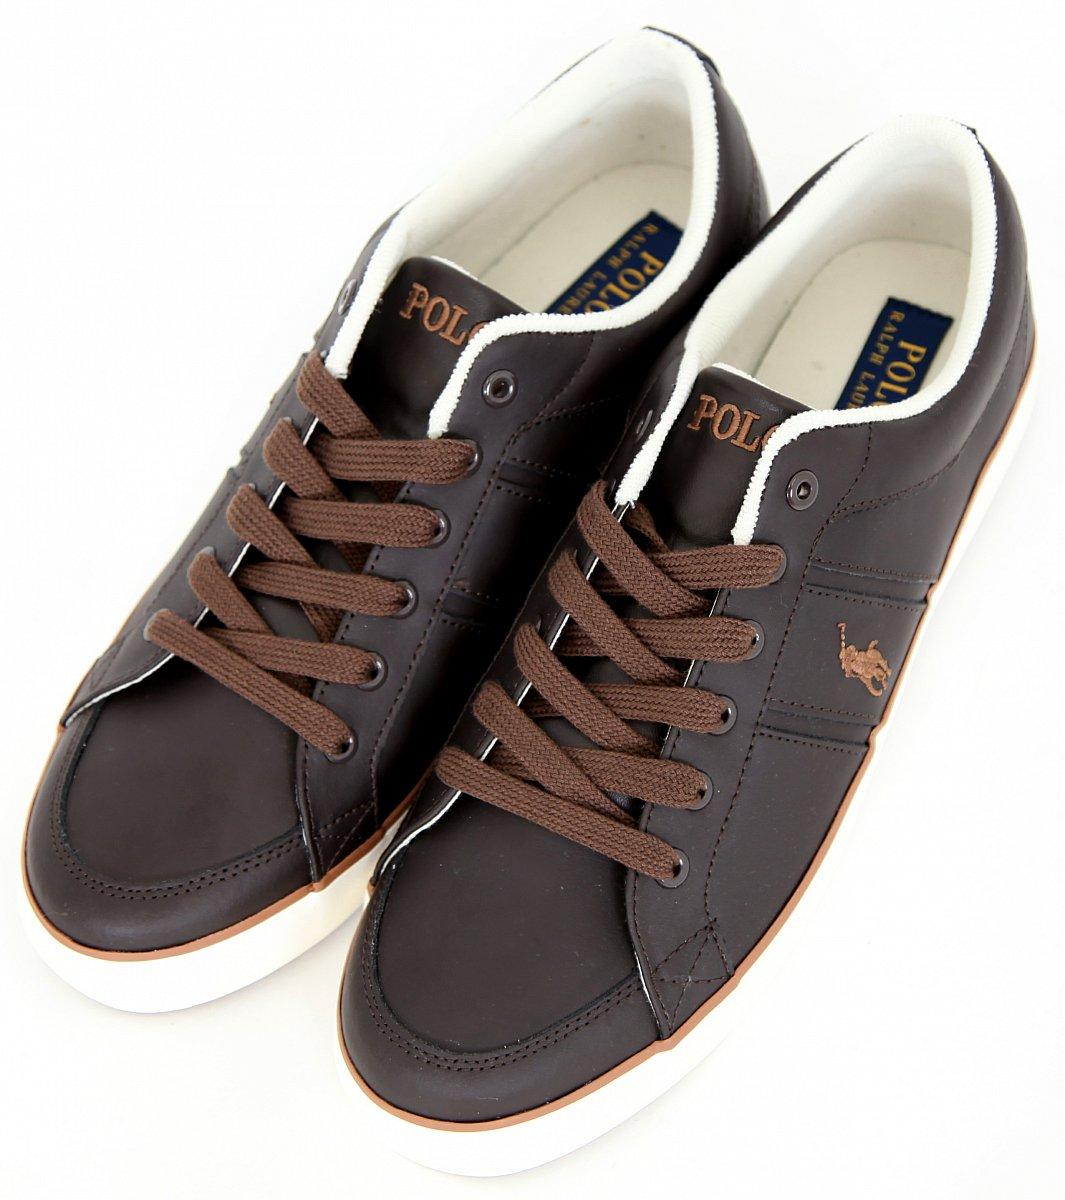 ralph lauren polo herren leder schuhe leather schuhe sneaker gr 44 uk 10 us 11 ebay. Black Bedroom Furniture Sets. Home Design Ideas